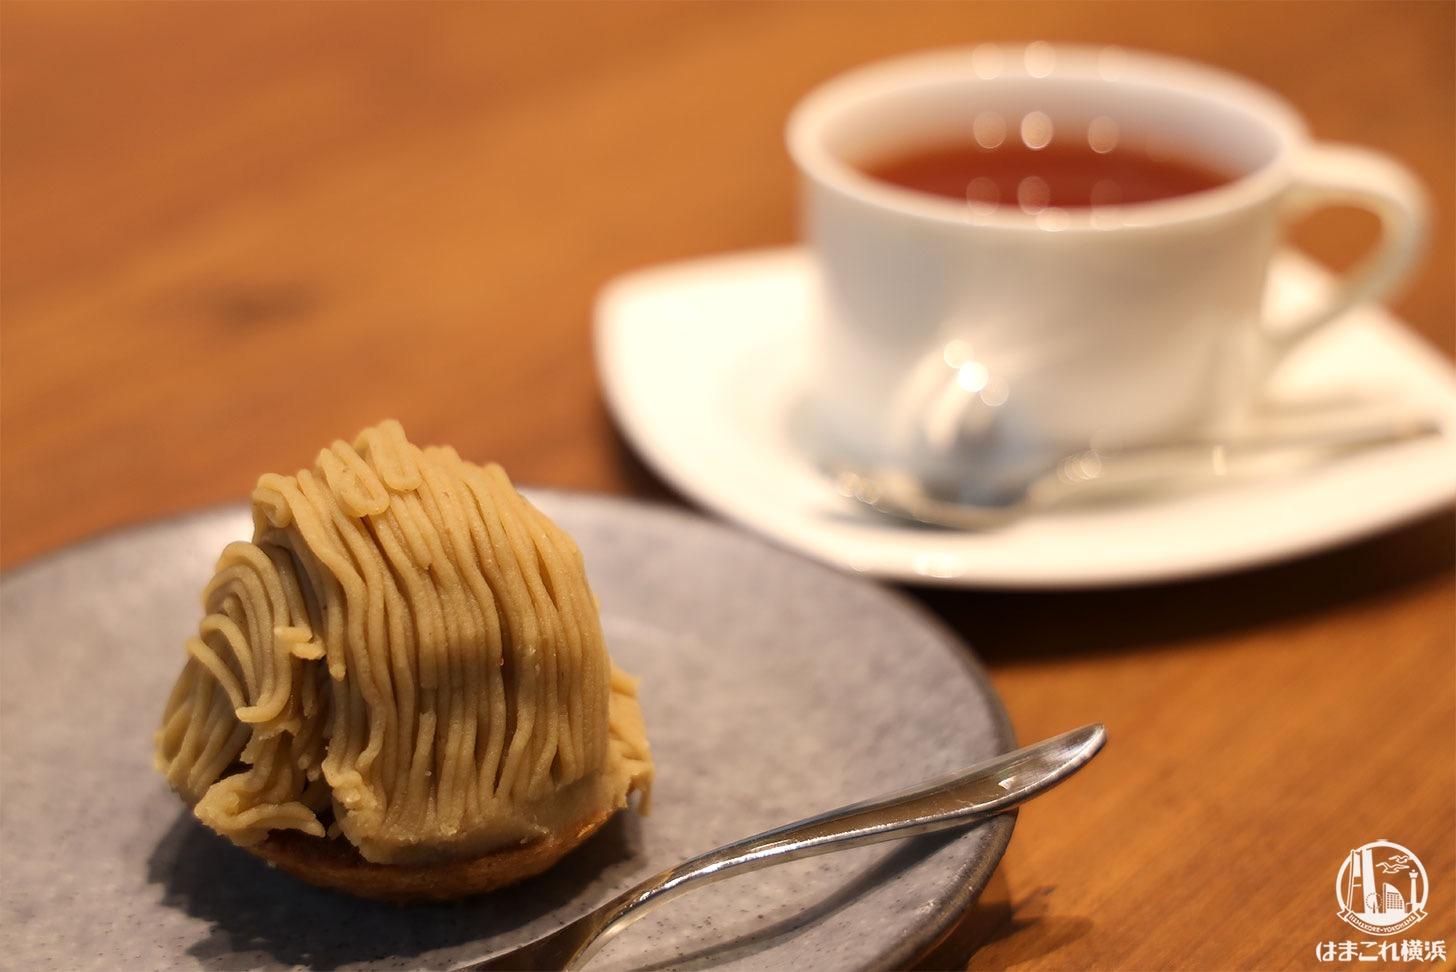 レ・ザンジュ・ベイが横浜・山下町にオープン!人気のモンブランやパン、ランチまで